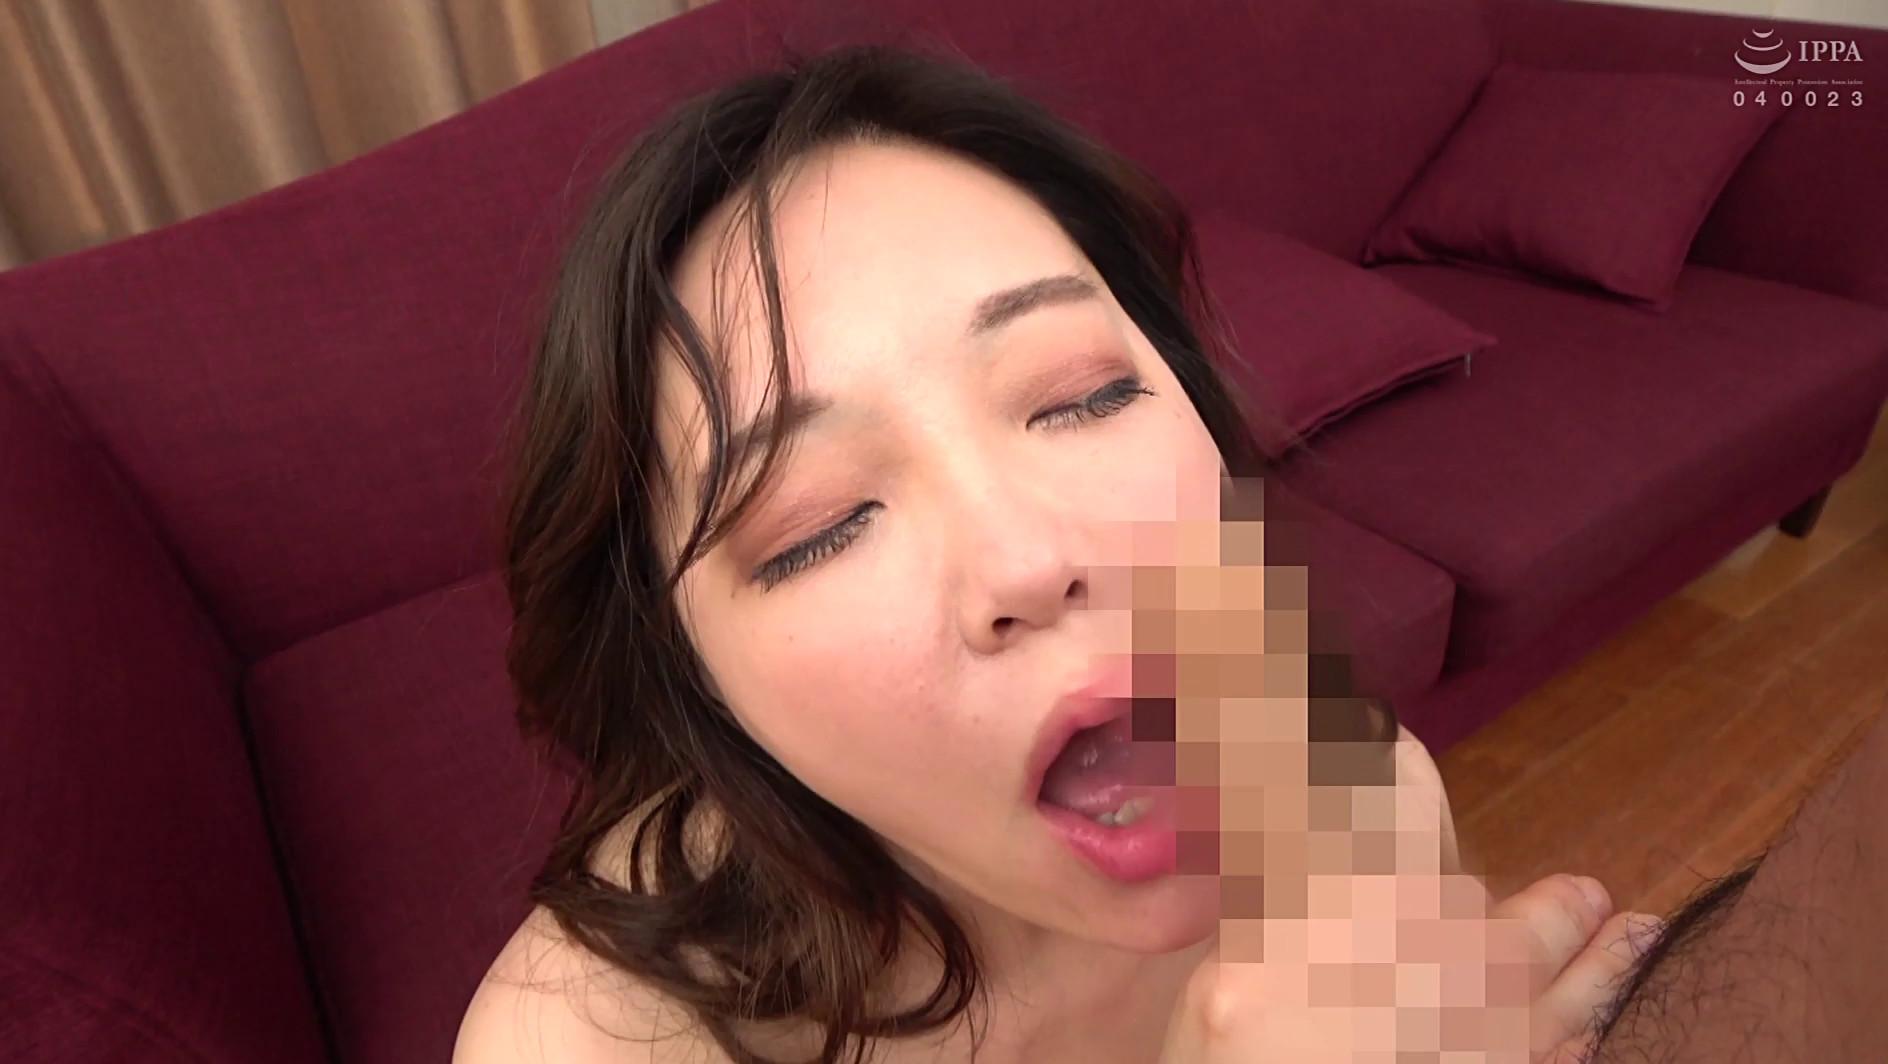 国際セックスへの執念!奇跡的にSNSで知り合った神話級韓流娘と韓国で待ち合わせてオフパコ!韓国現地女子シアちゃん&ジンちゃんのセックスがスゴい・・・ 画像5